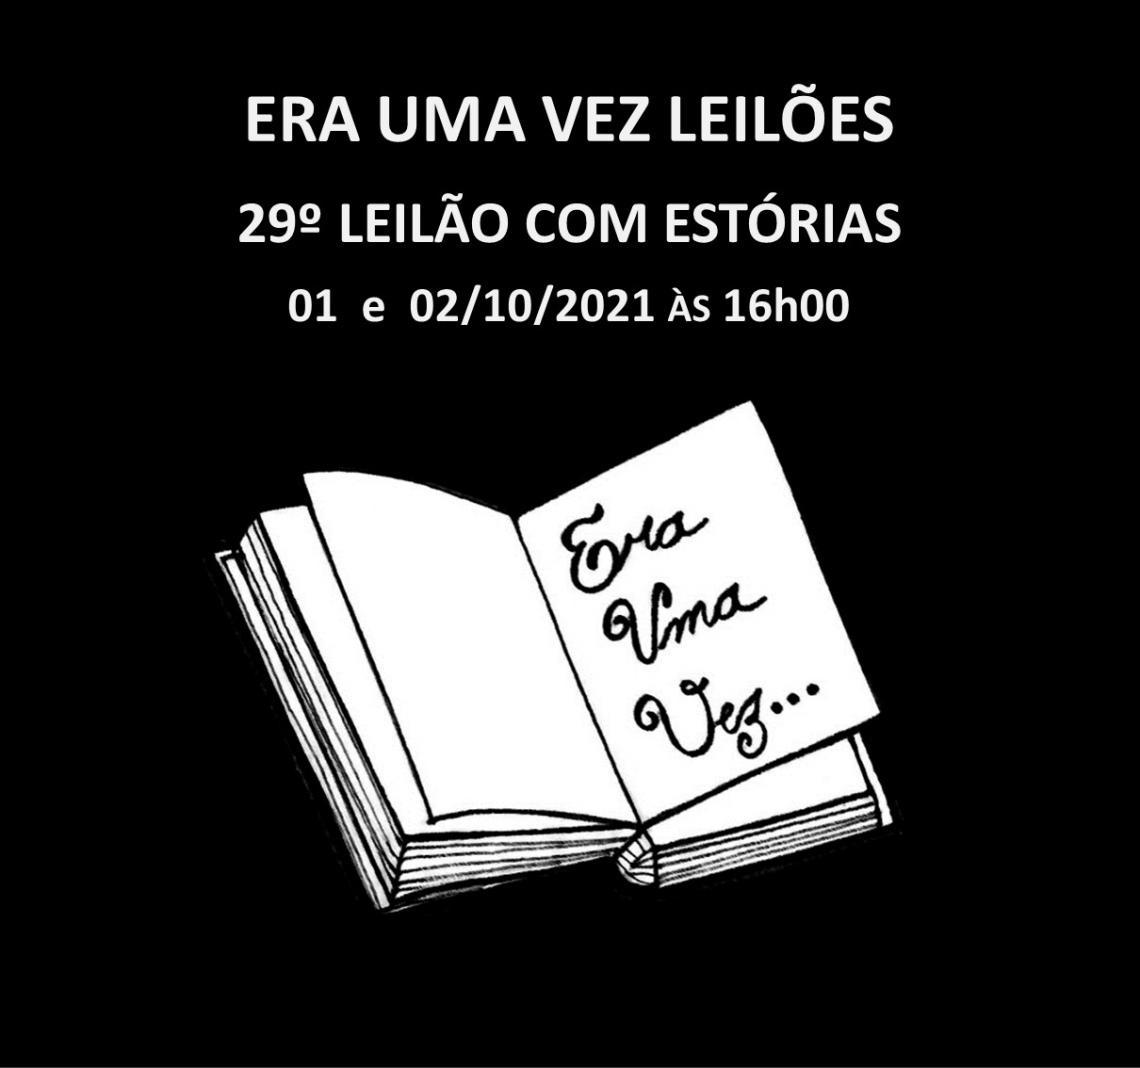 29º LEILÃO COM ESTÓRIAS - 01 e 02/10/2021 às 16h00